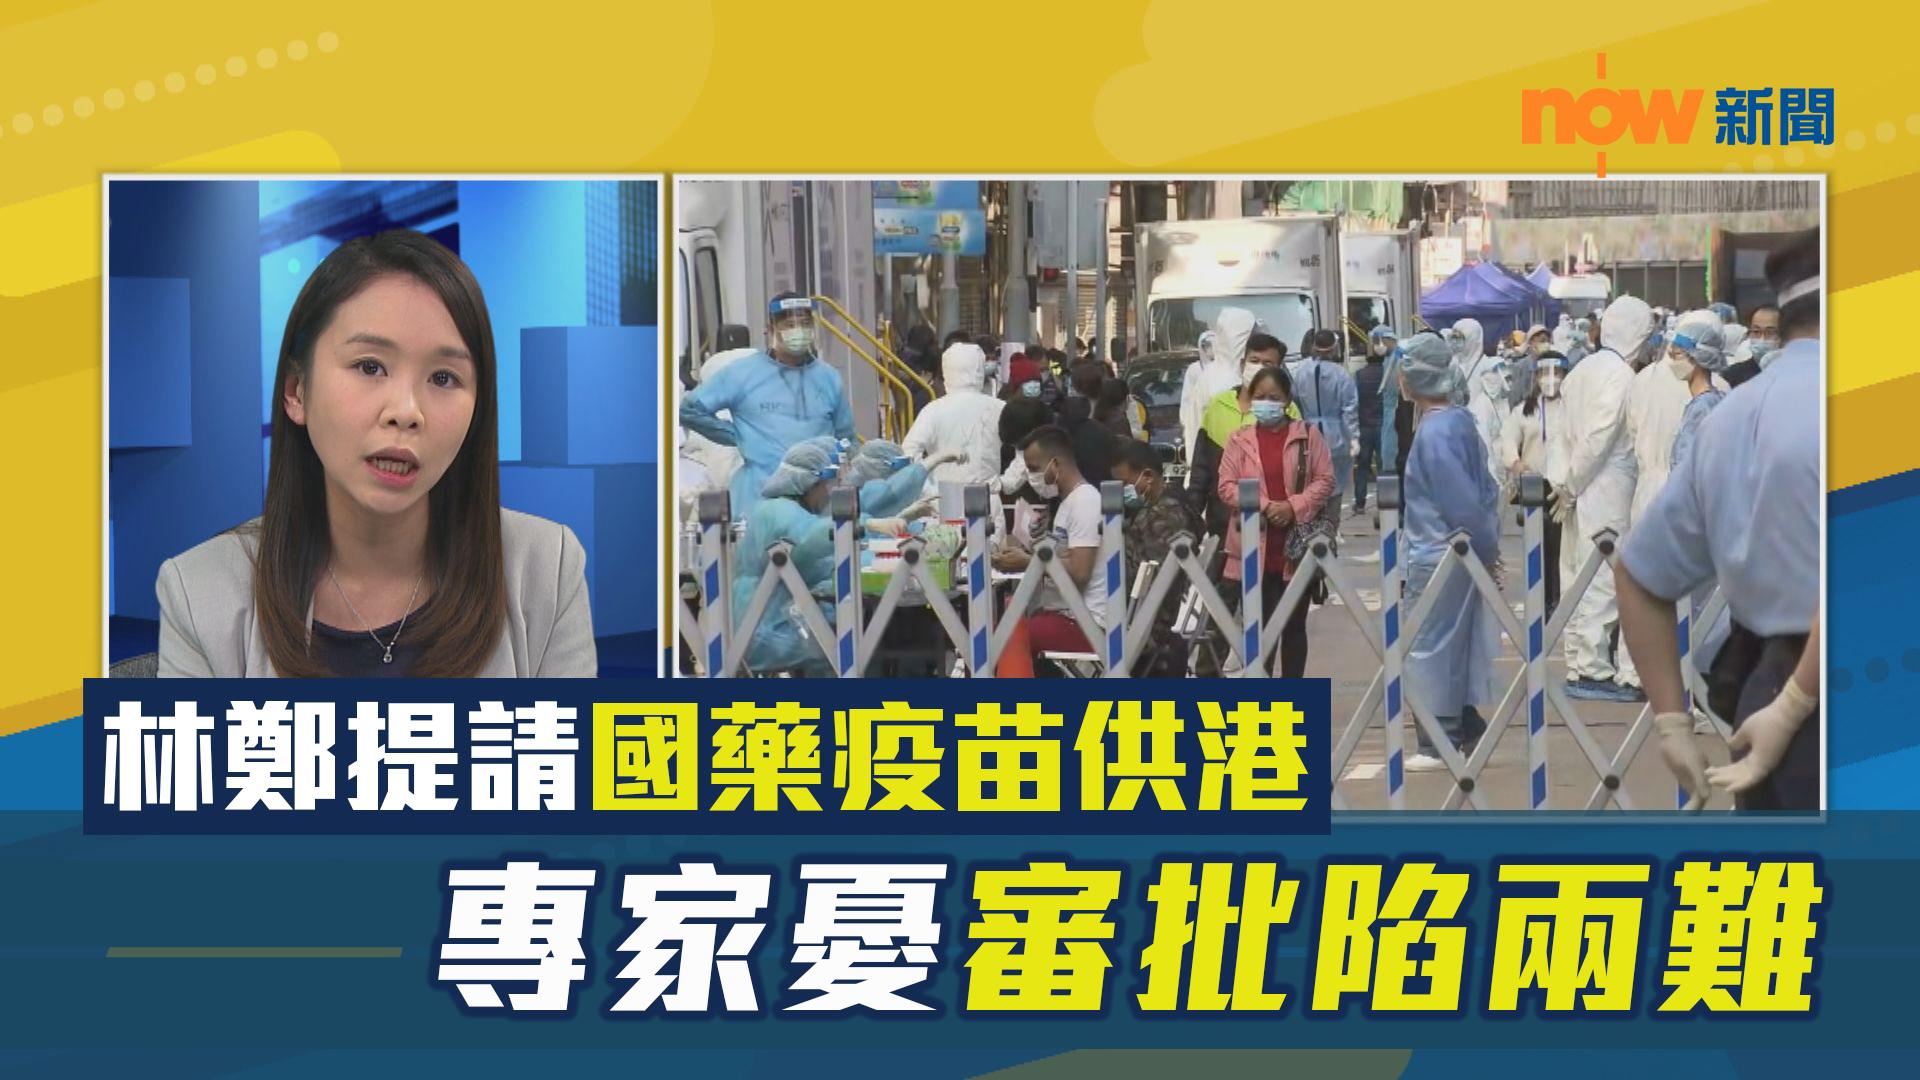 【政情】林鄭提請國藥疫苗供港 專家憂審批陷兩難